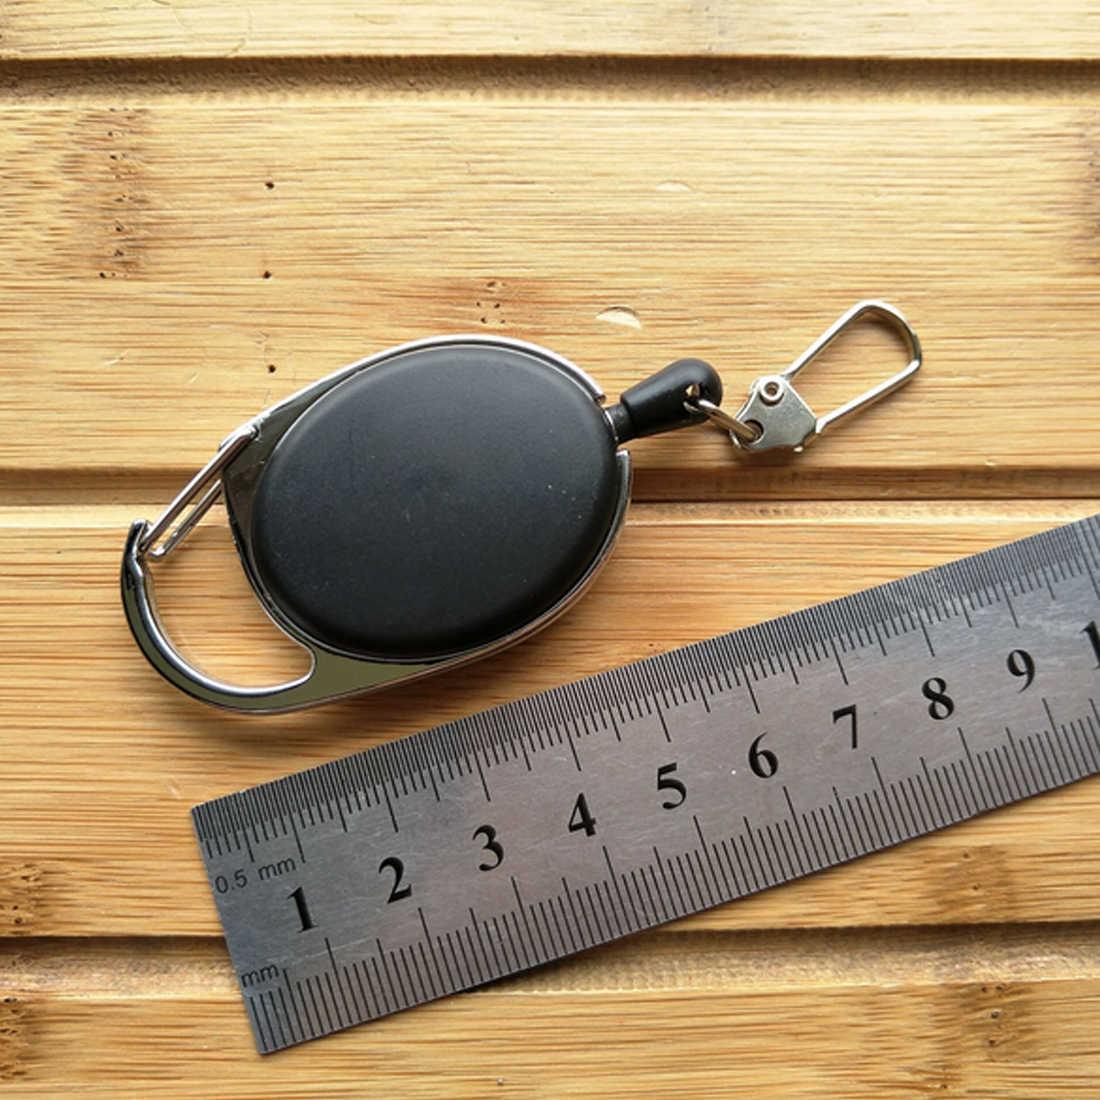 ホット販売屋外伸縮ワイヤーロープのキー盗難キーチェーン戦術 EDC 格納式チェーンリターンキーリングホルダー